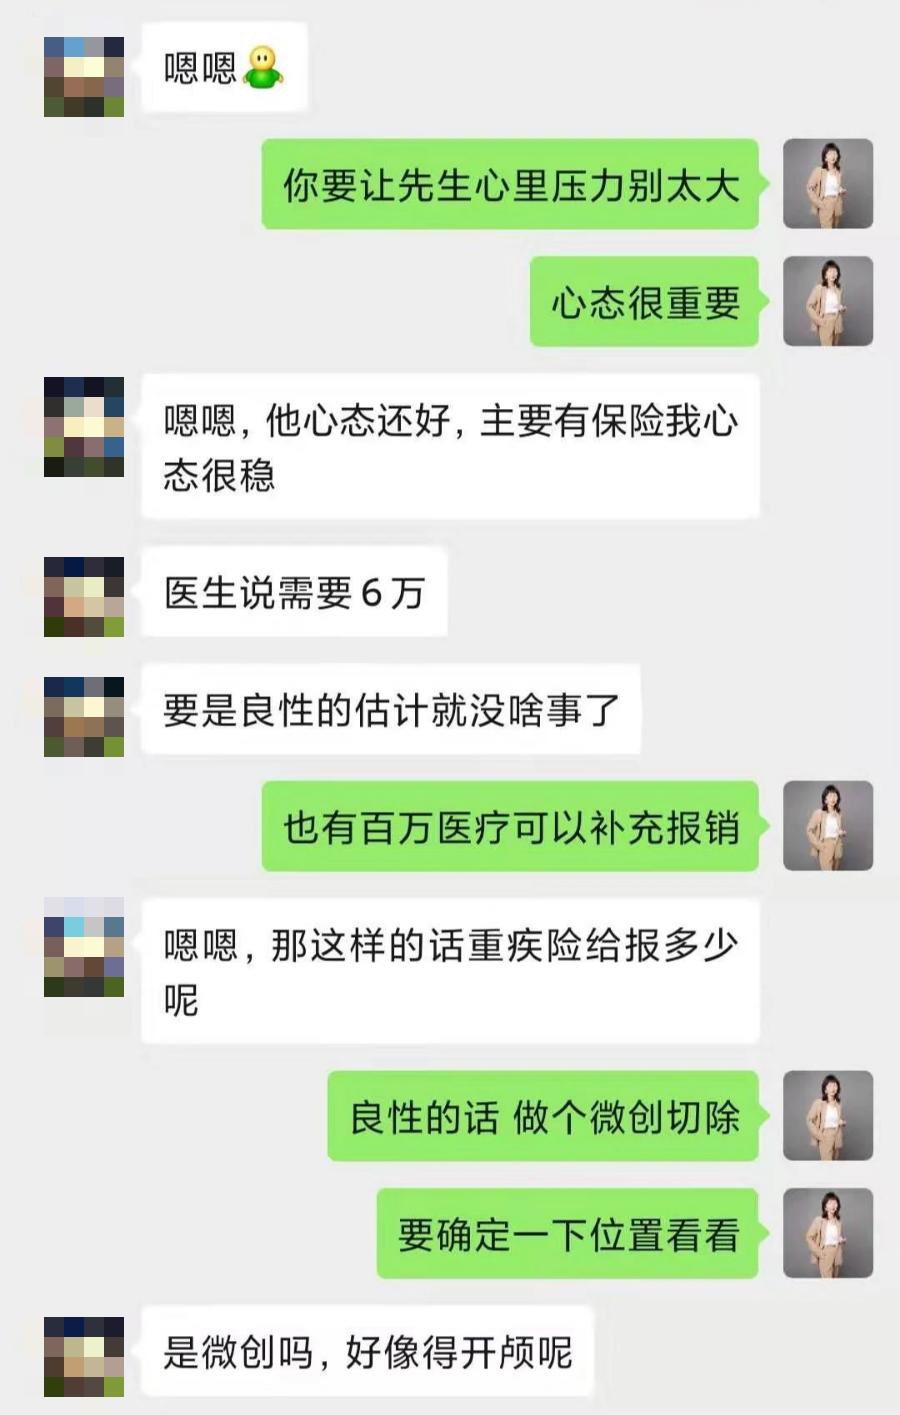 5-3 曹先生的妻子联系婕西专家,咨询安心赔事宜.png